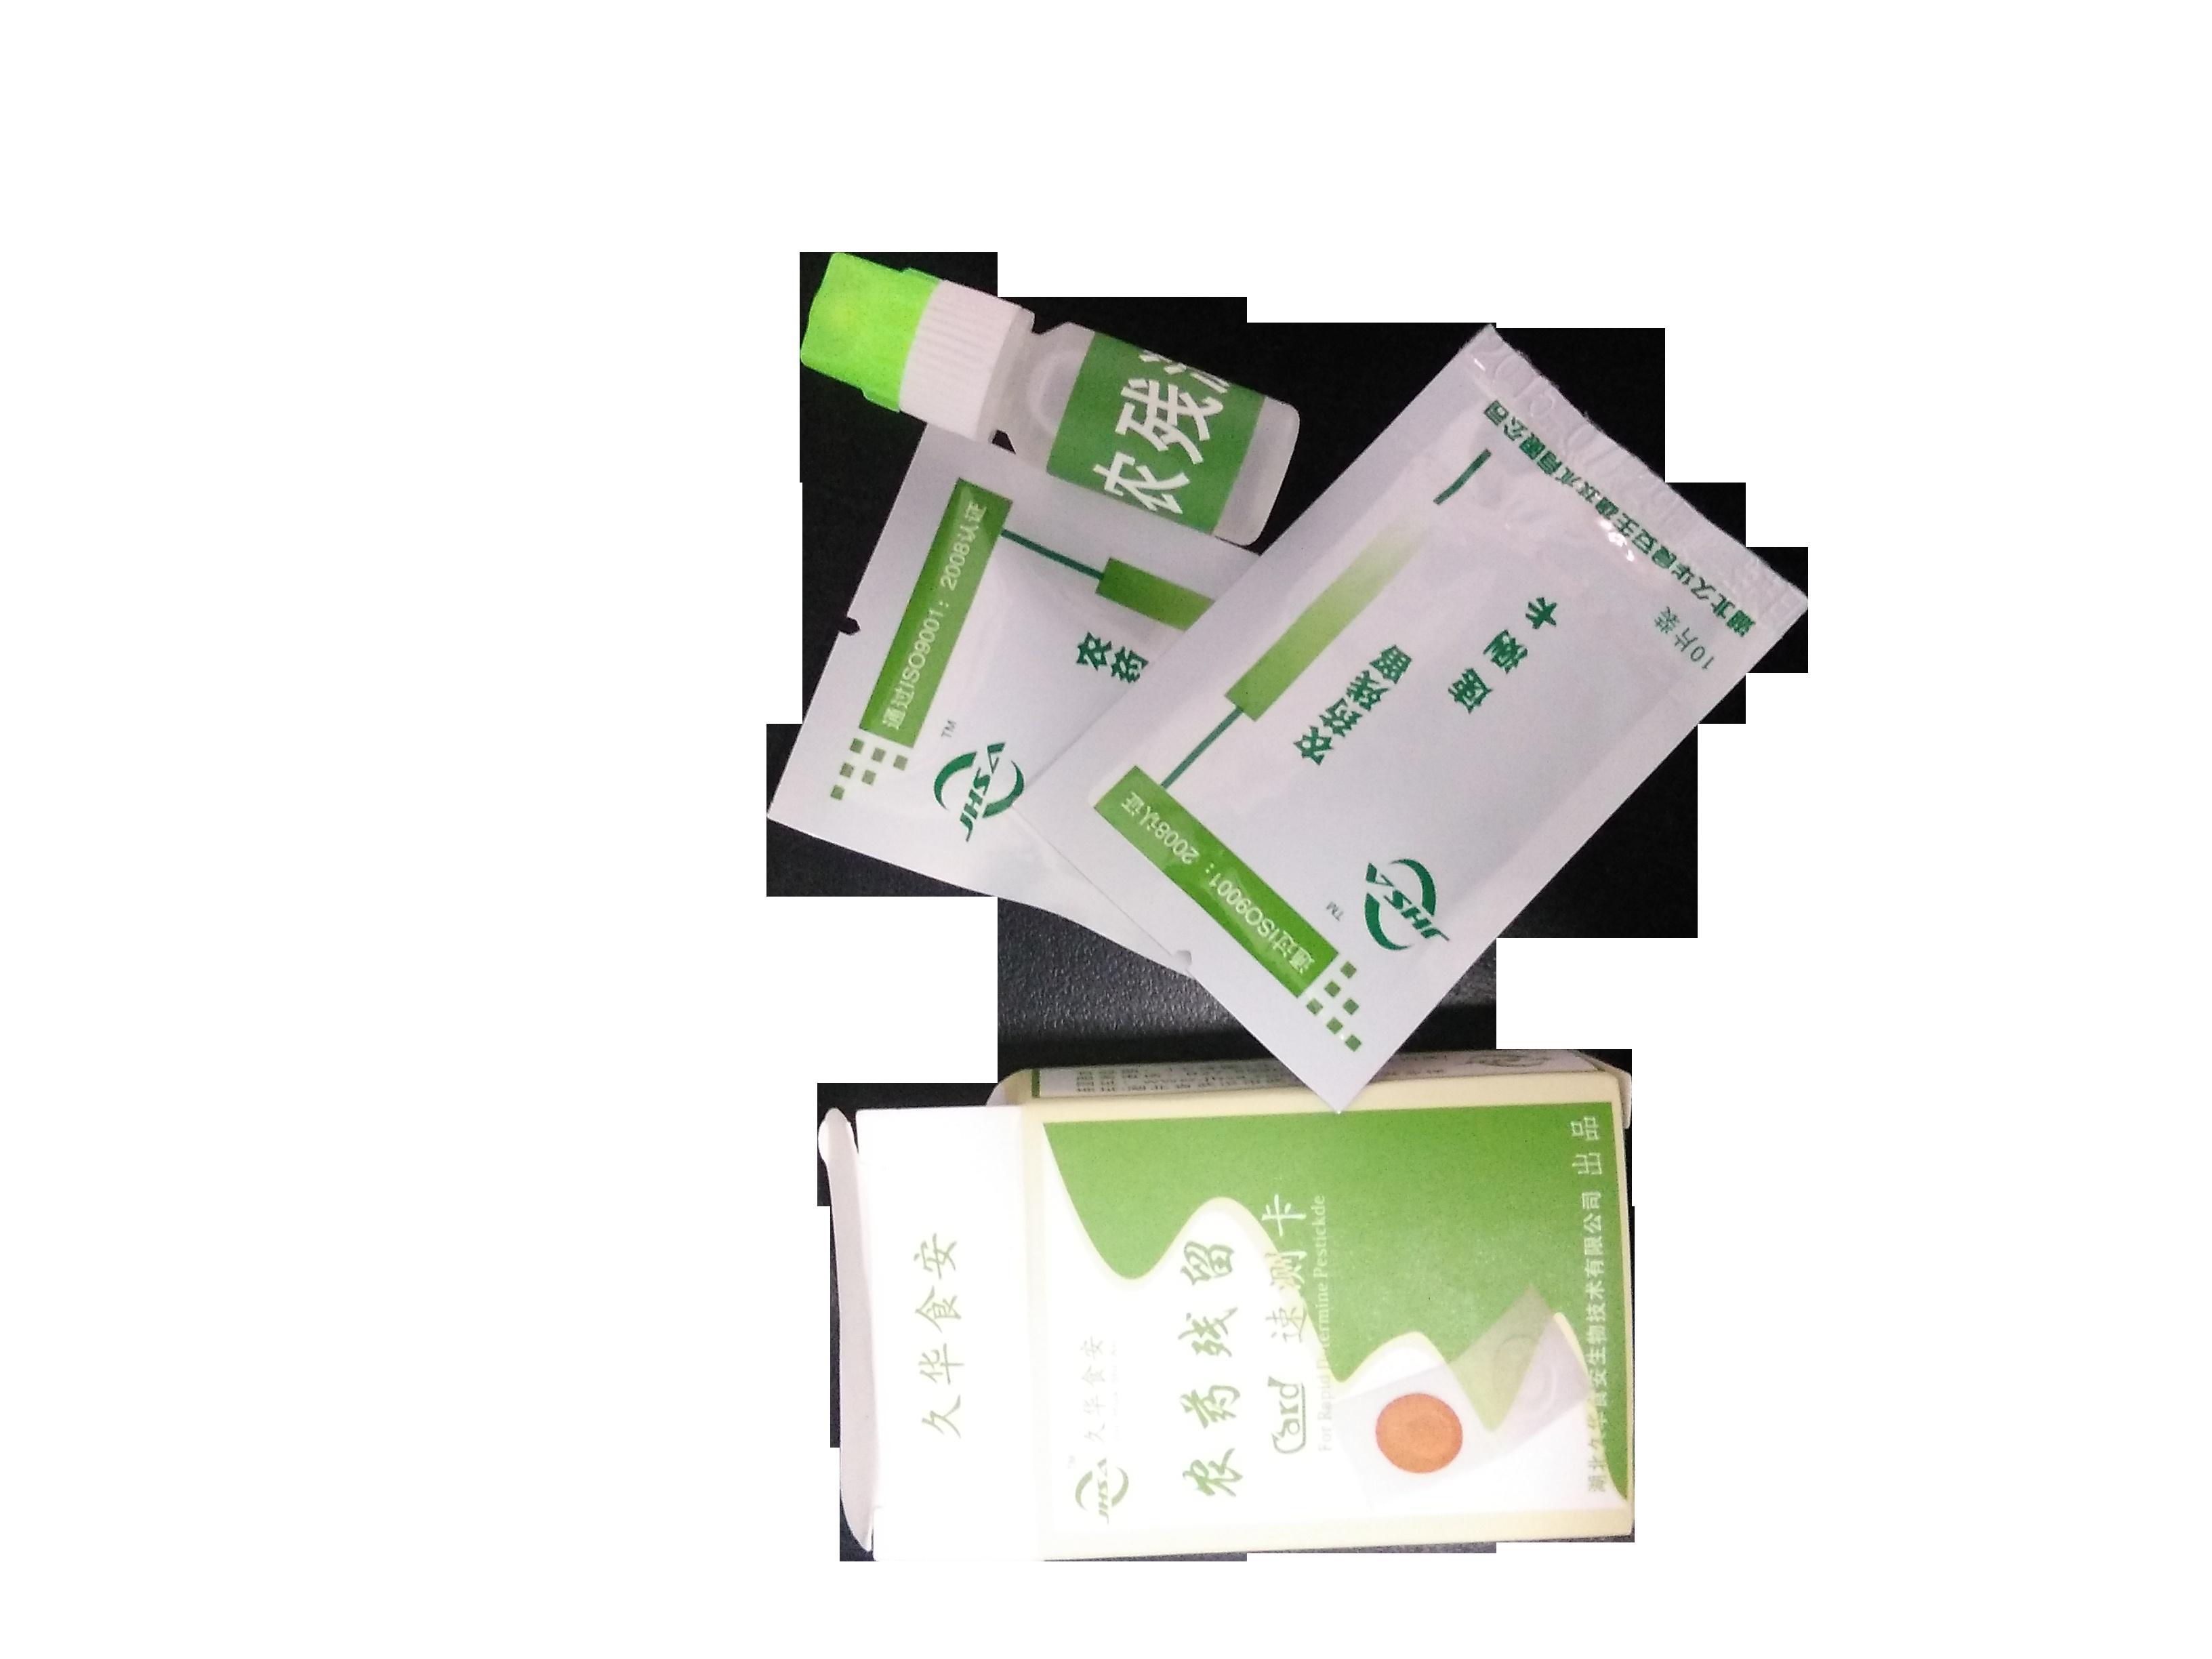 久华食安农药残留速测卡供应商 久华食安农药残留速测卡为您的食品